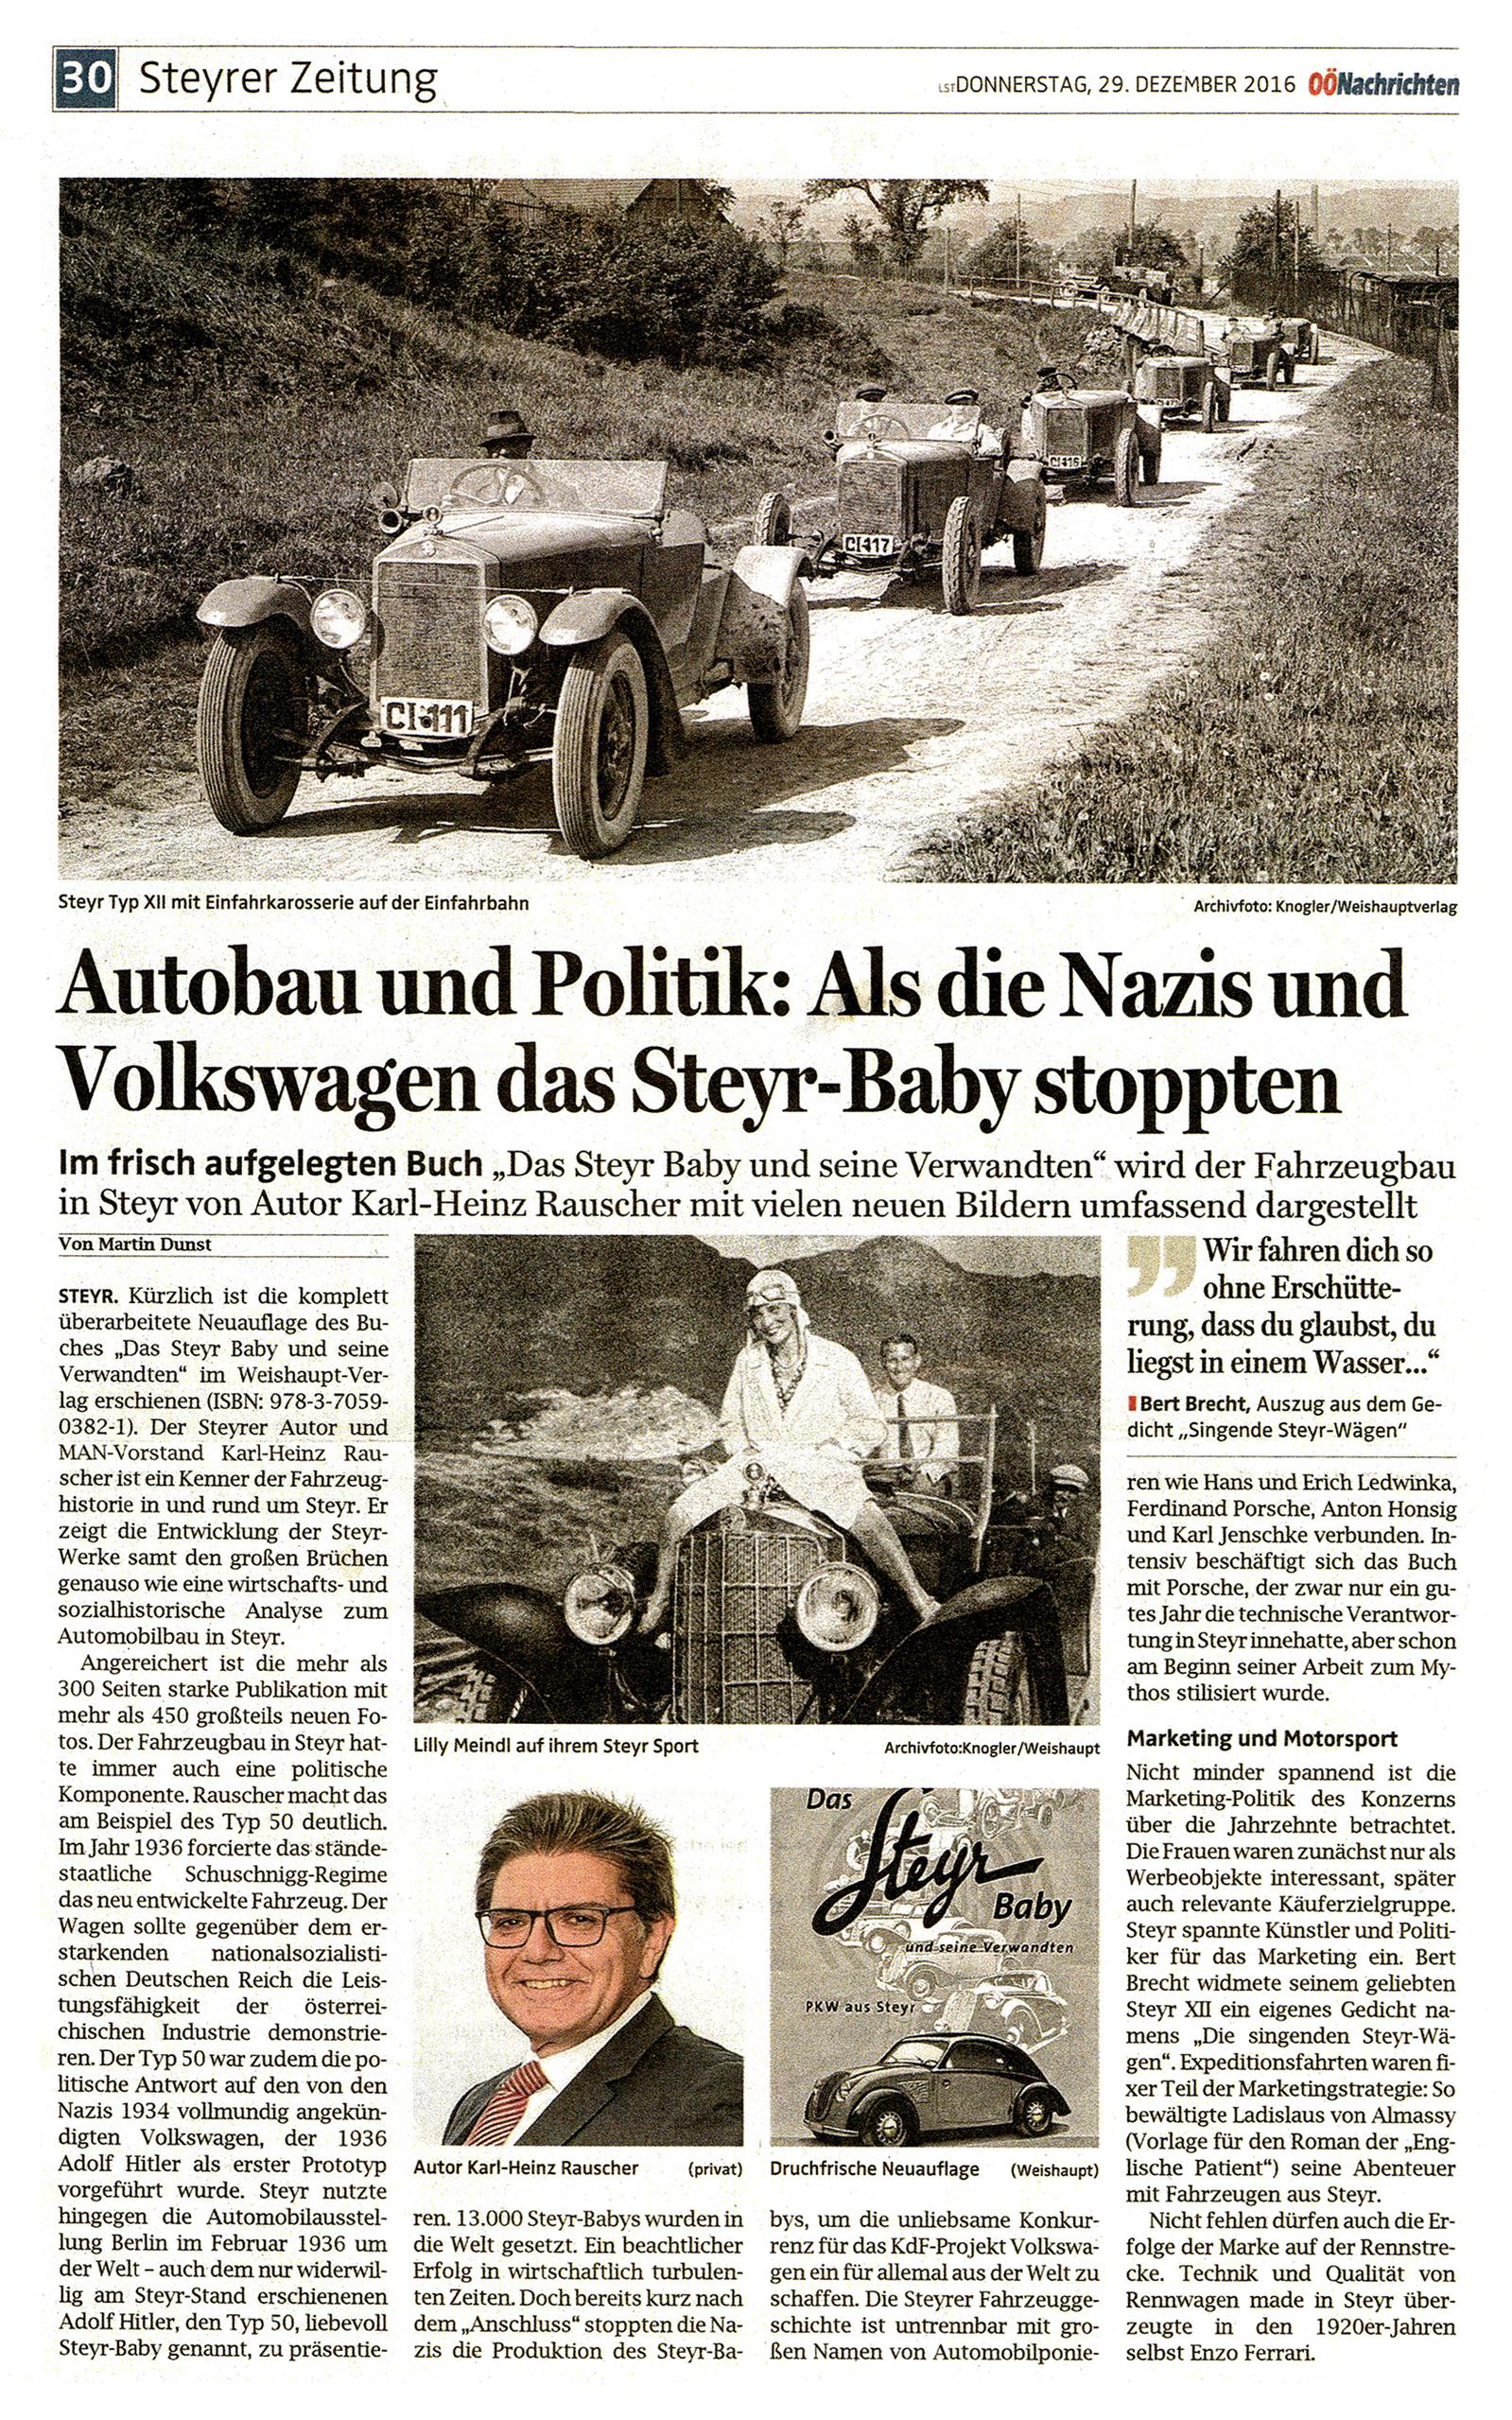 Das Steyr-Baby und seine Verwandten, OÖ-Nachrichten